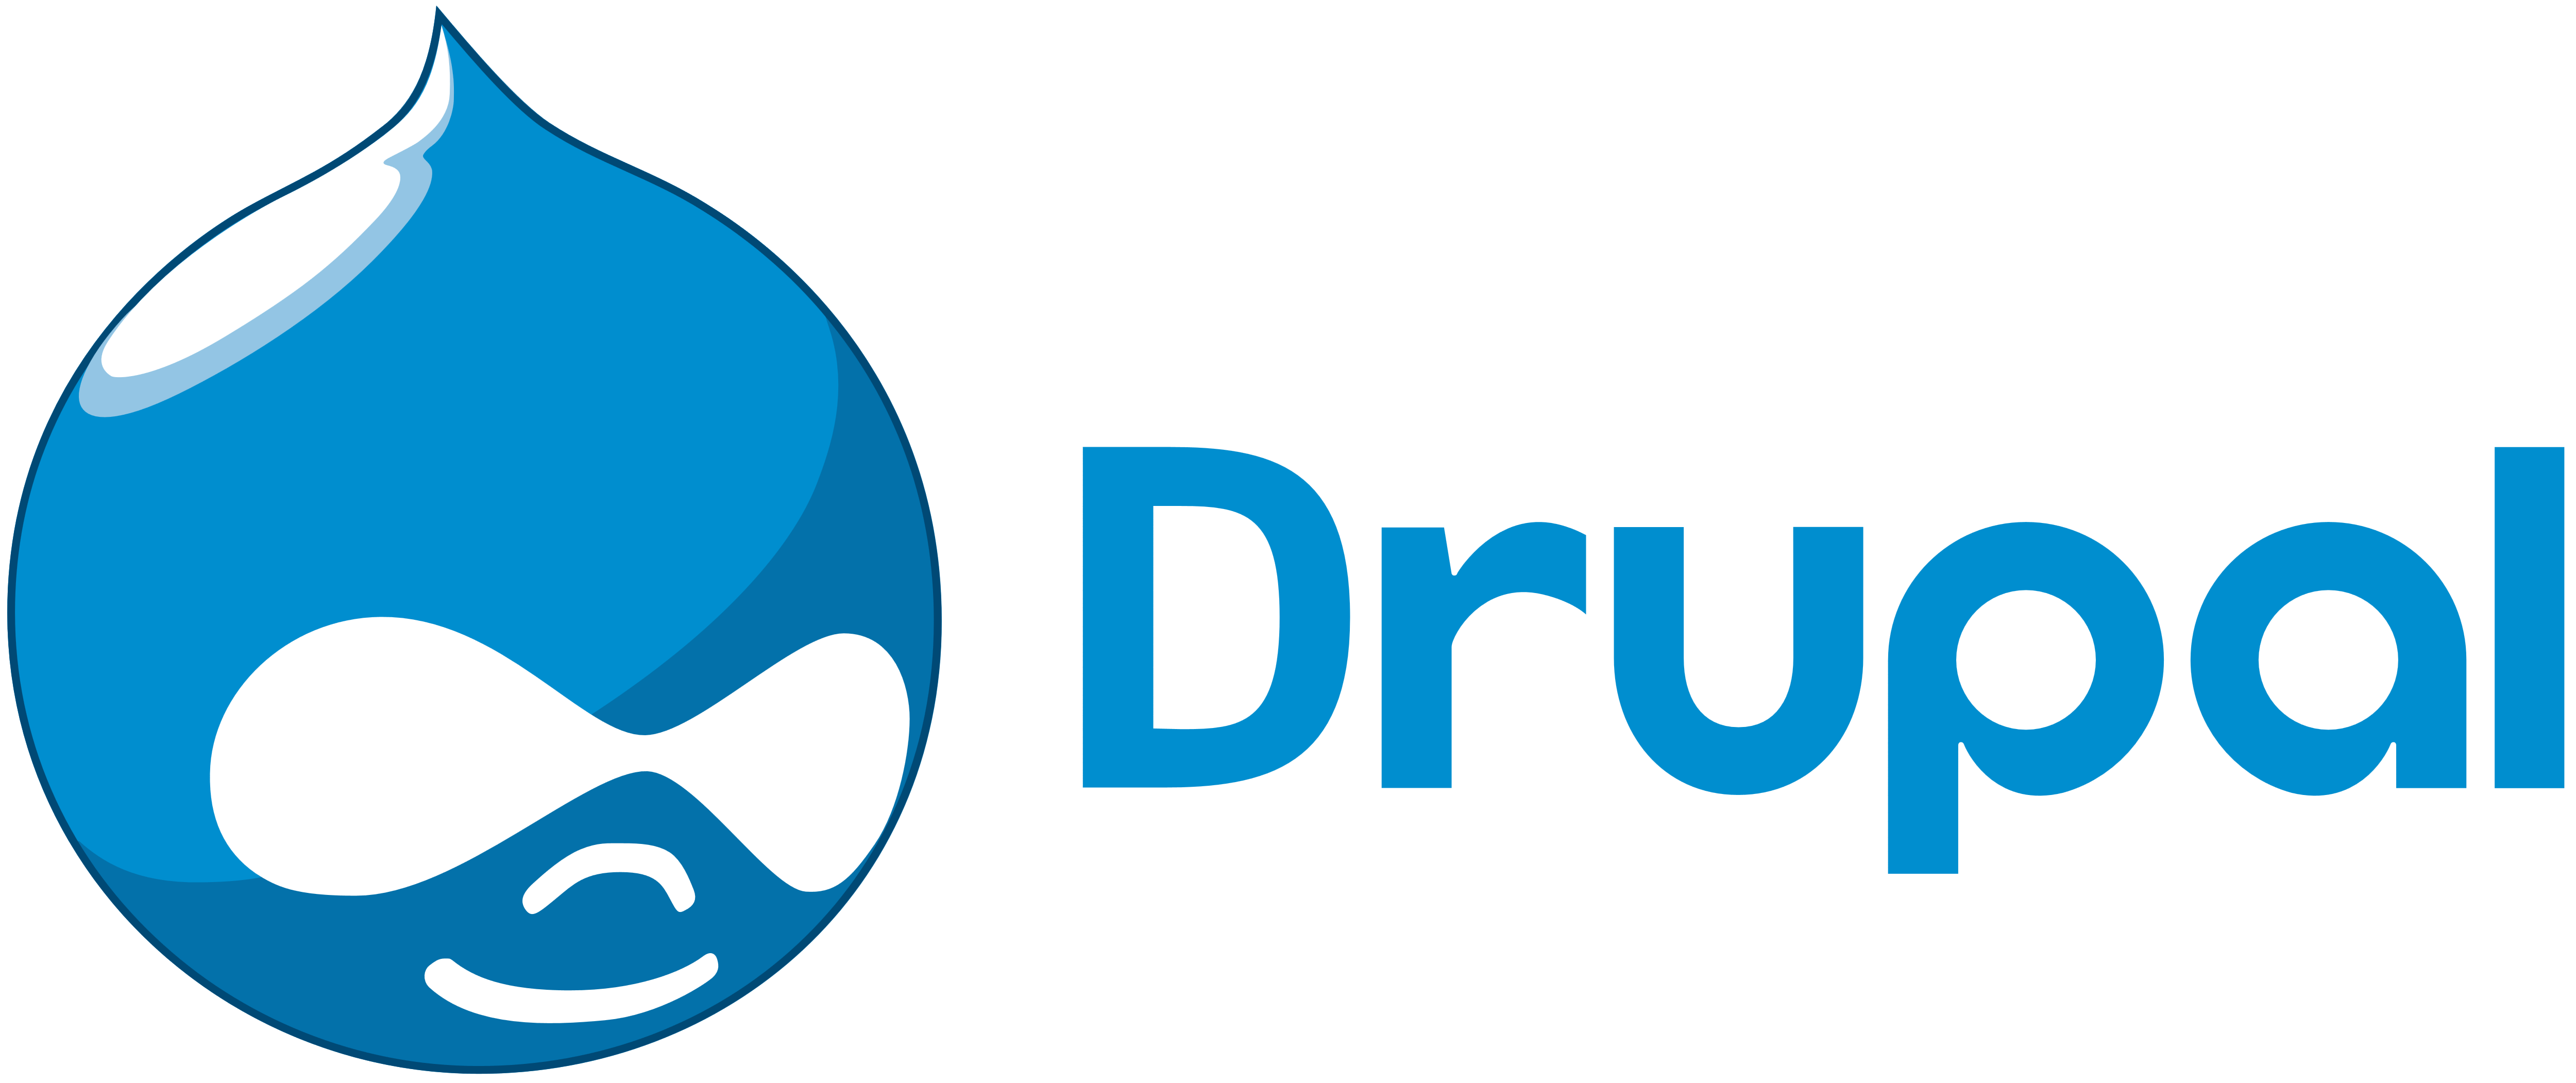 Media Management - Drupal plugin